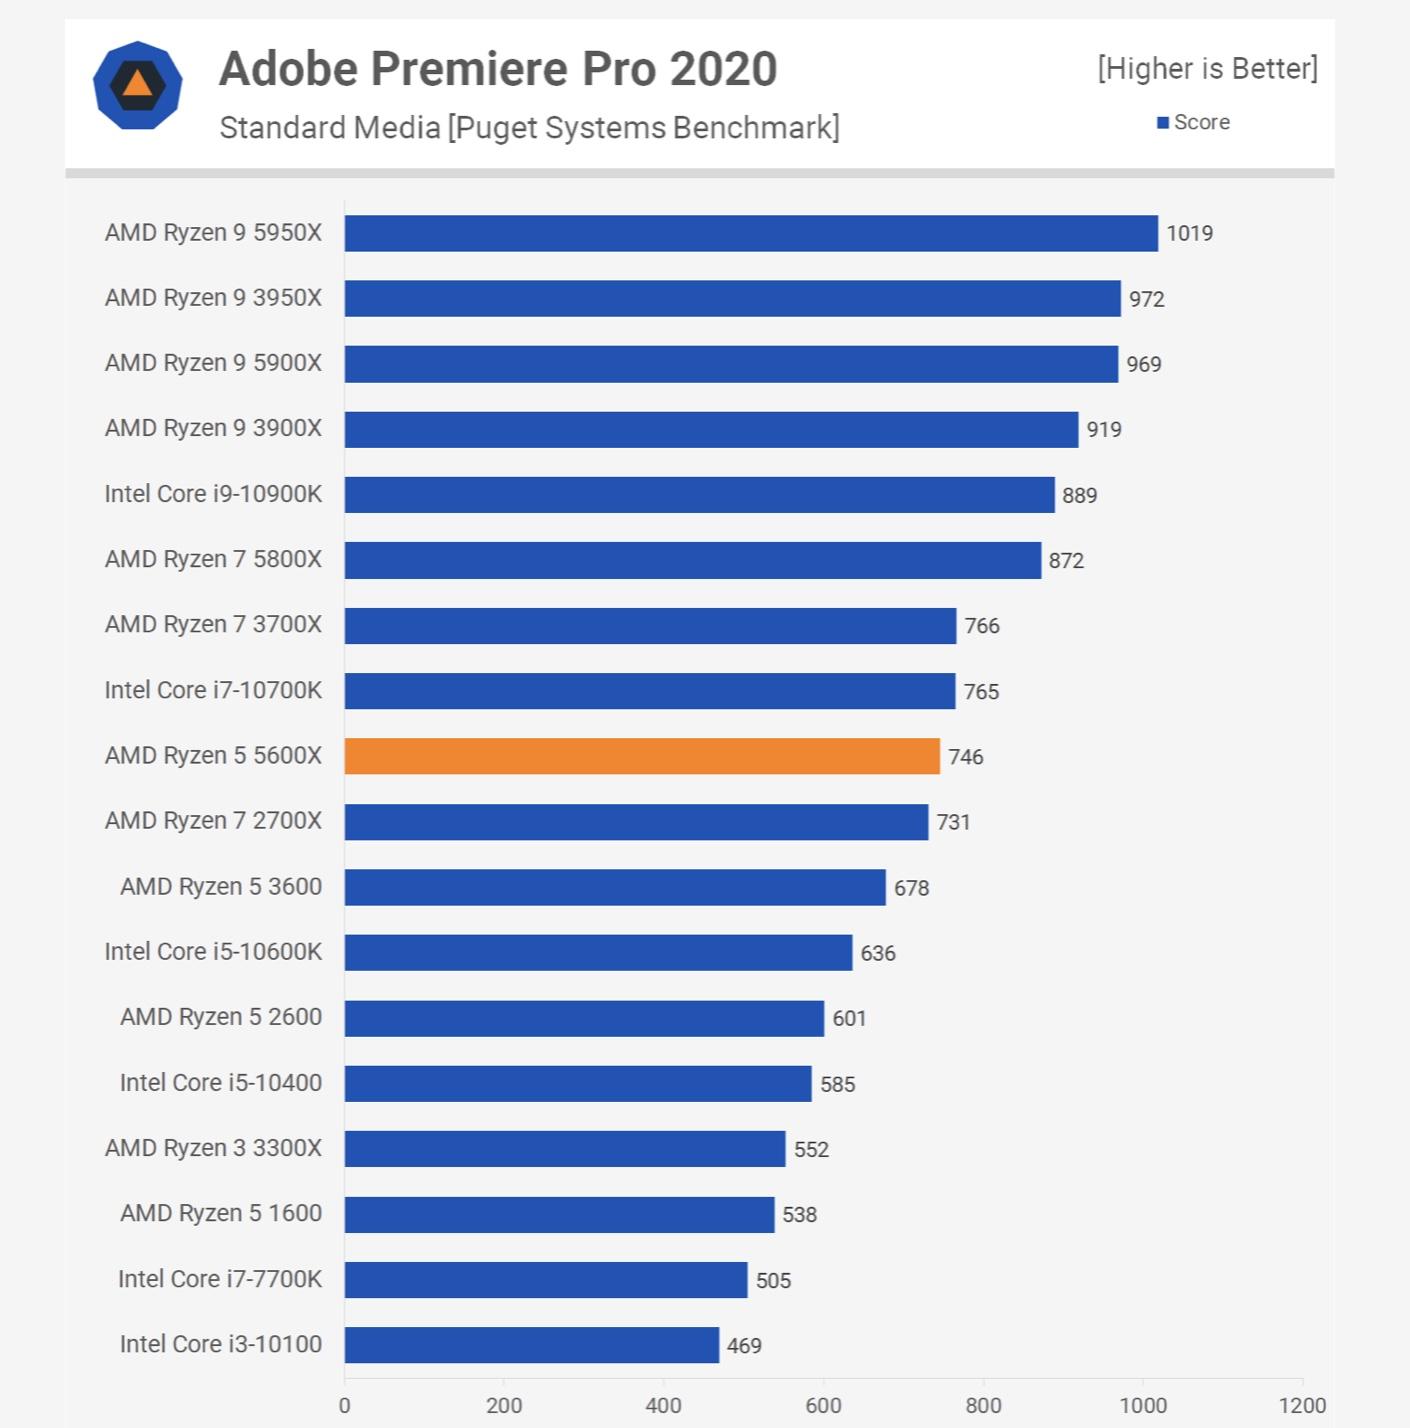 Adobe Premiere Pro Average All Processors - Source - techspot.com